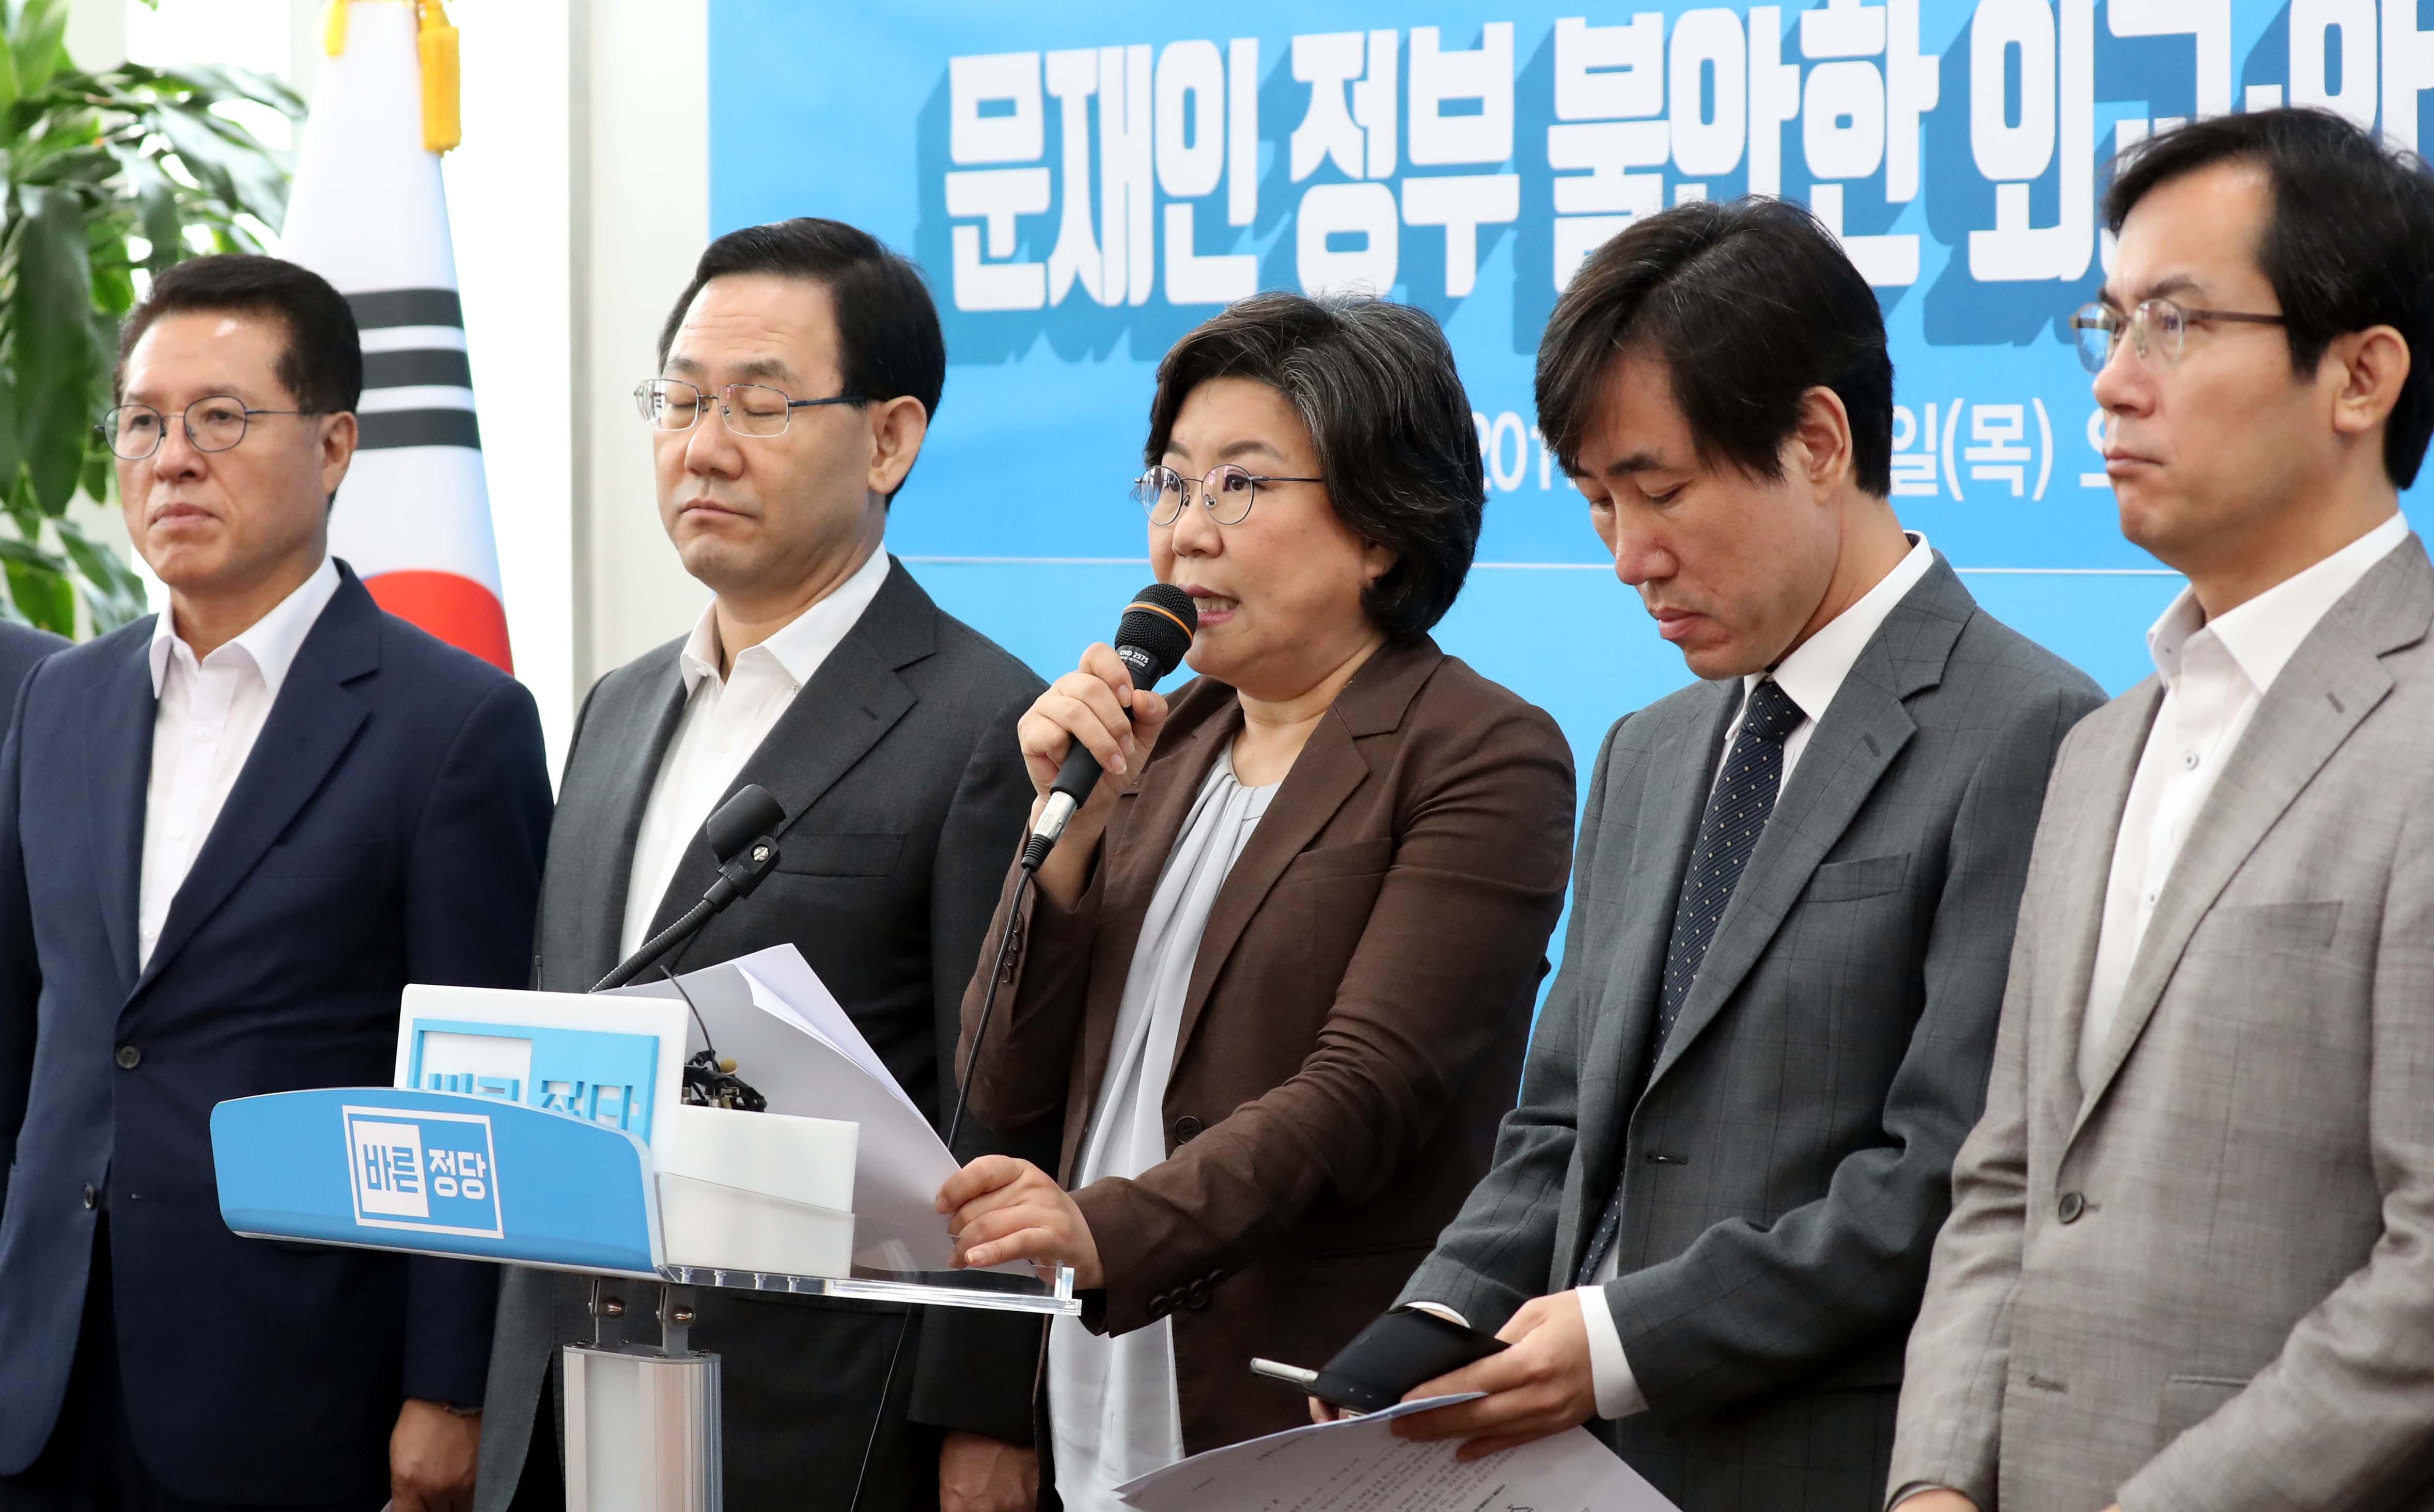 [국회] 이혜훈 사퇴…보수통합 페달?